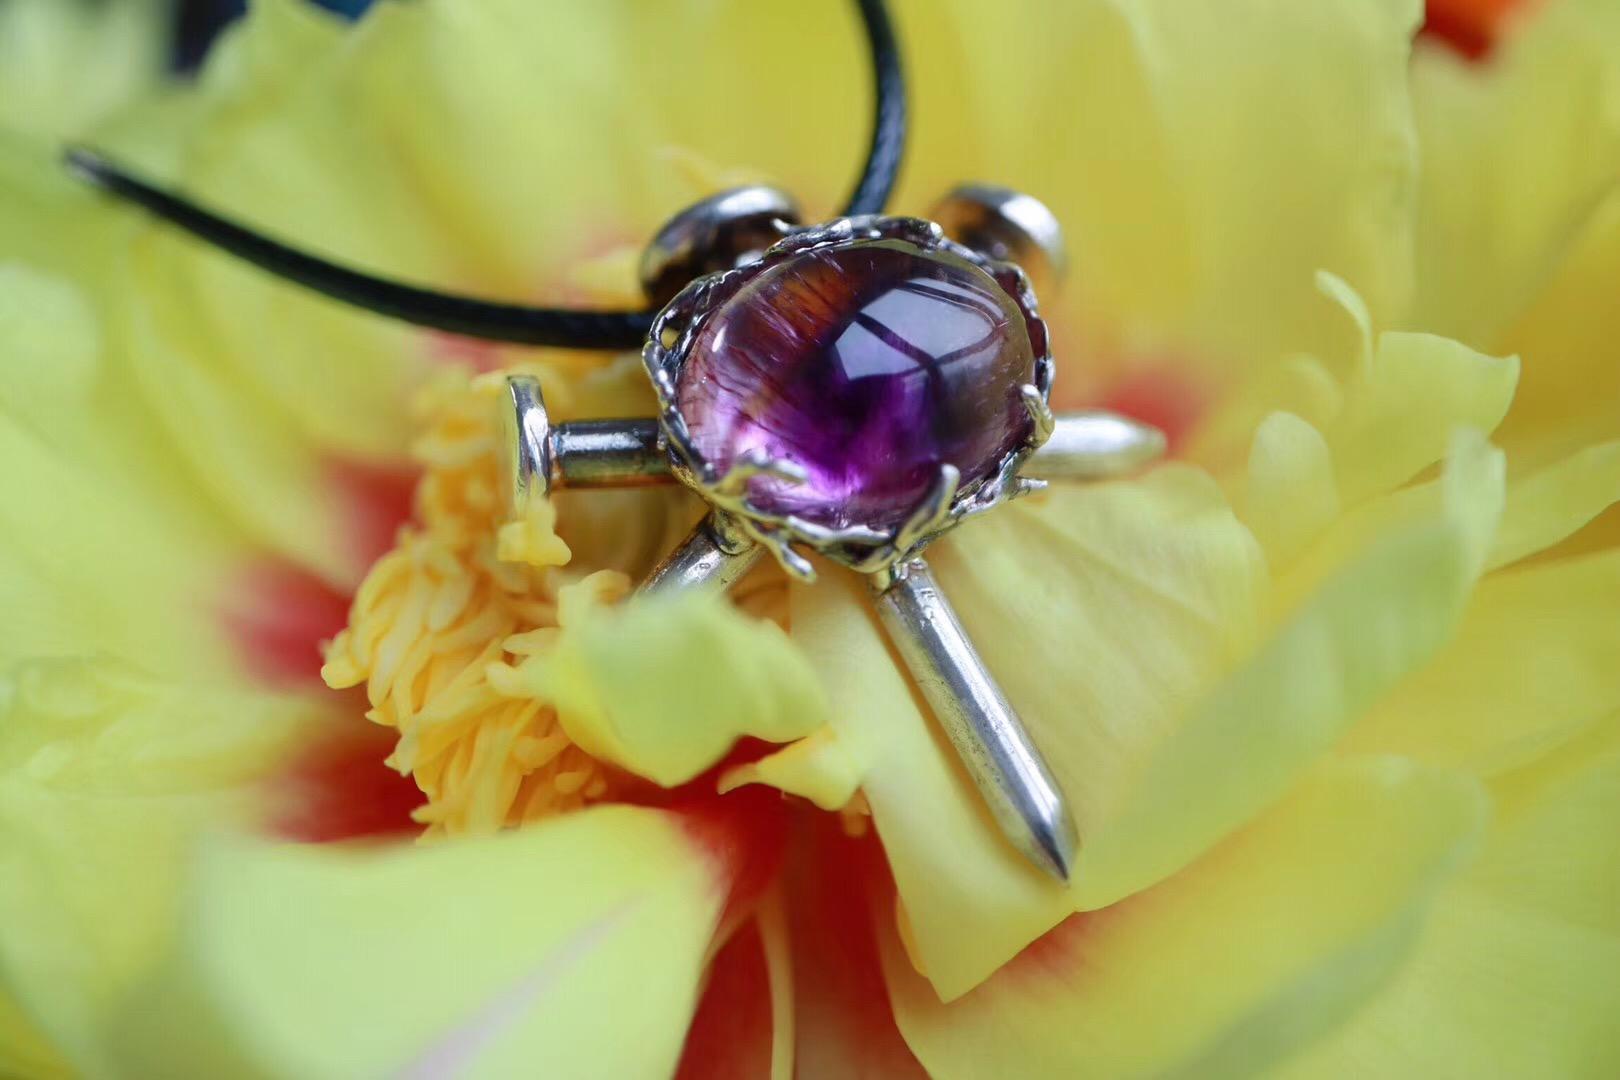 【菩心 | 紫发晶】奋斗的路上积极向上、勇往直前~~-菩心晶舍